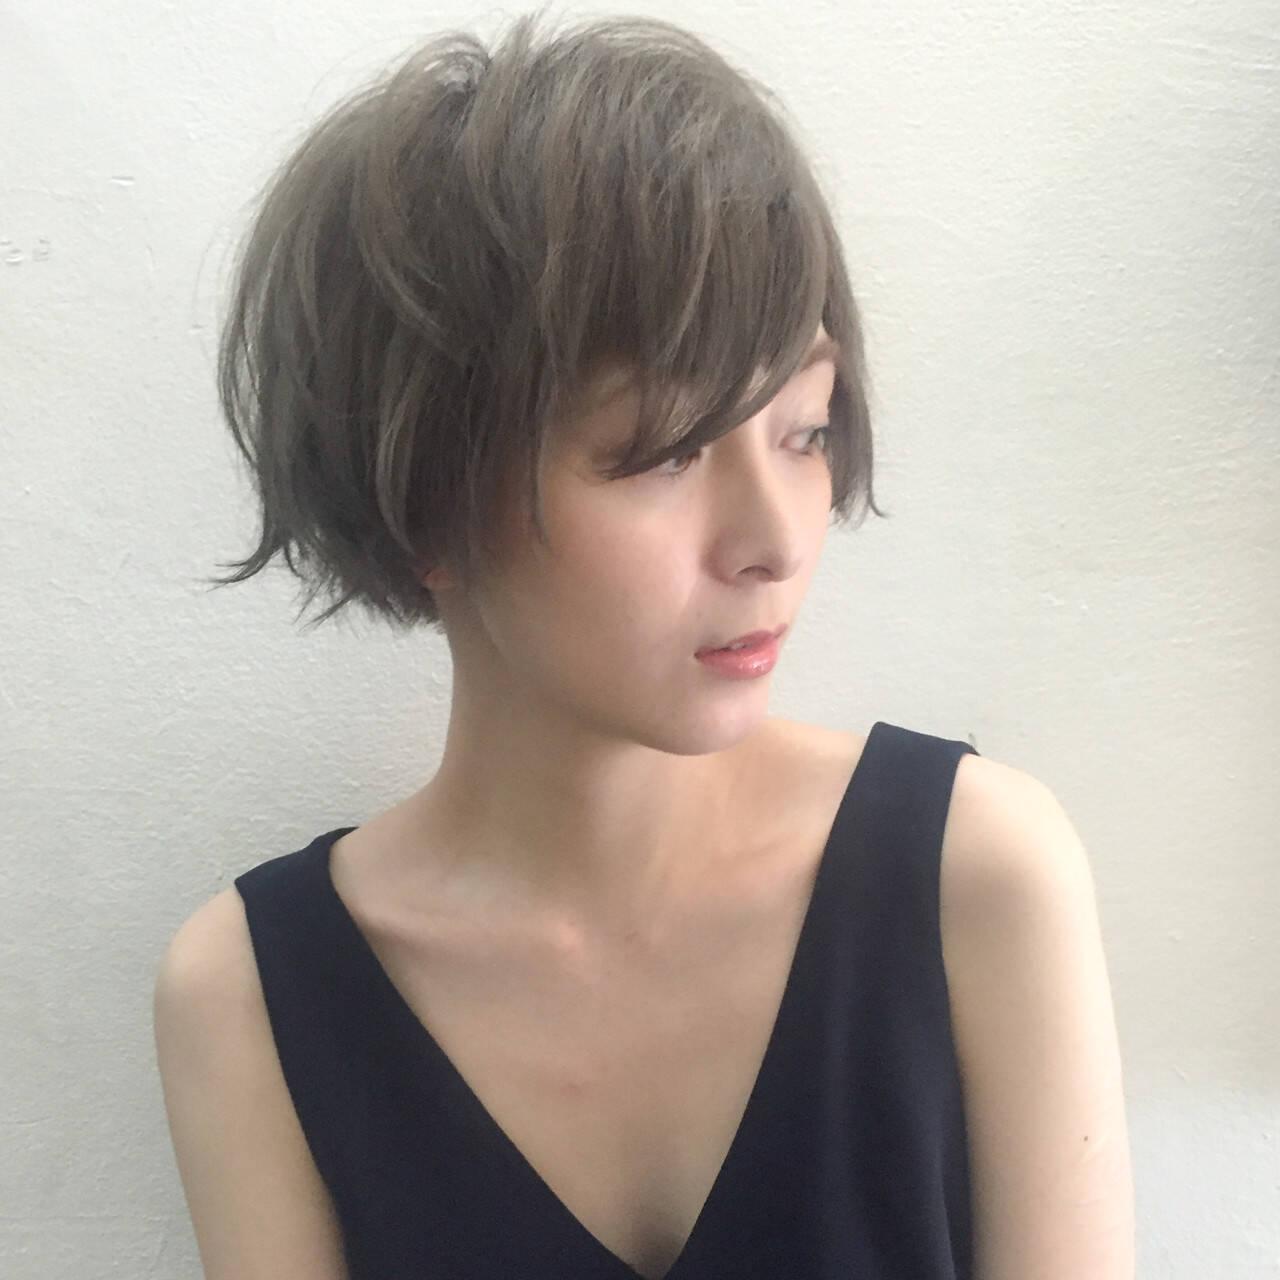 黒髪 アッシュ モード マッシュヘアスタイルや髪型の写真・画像